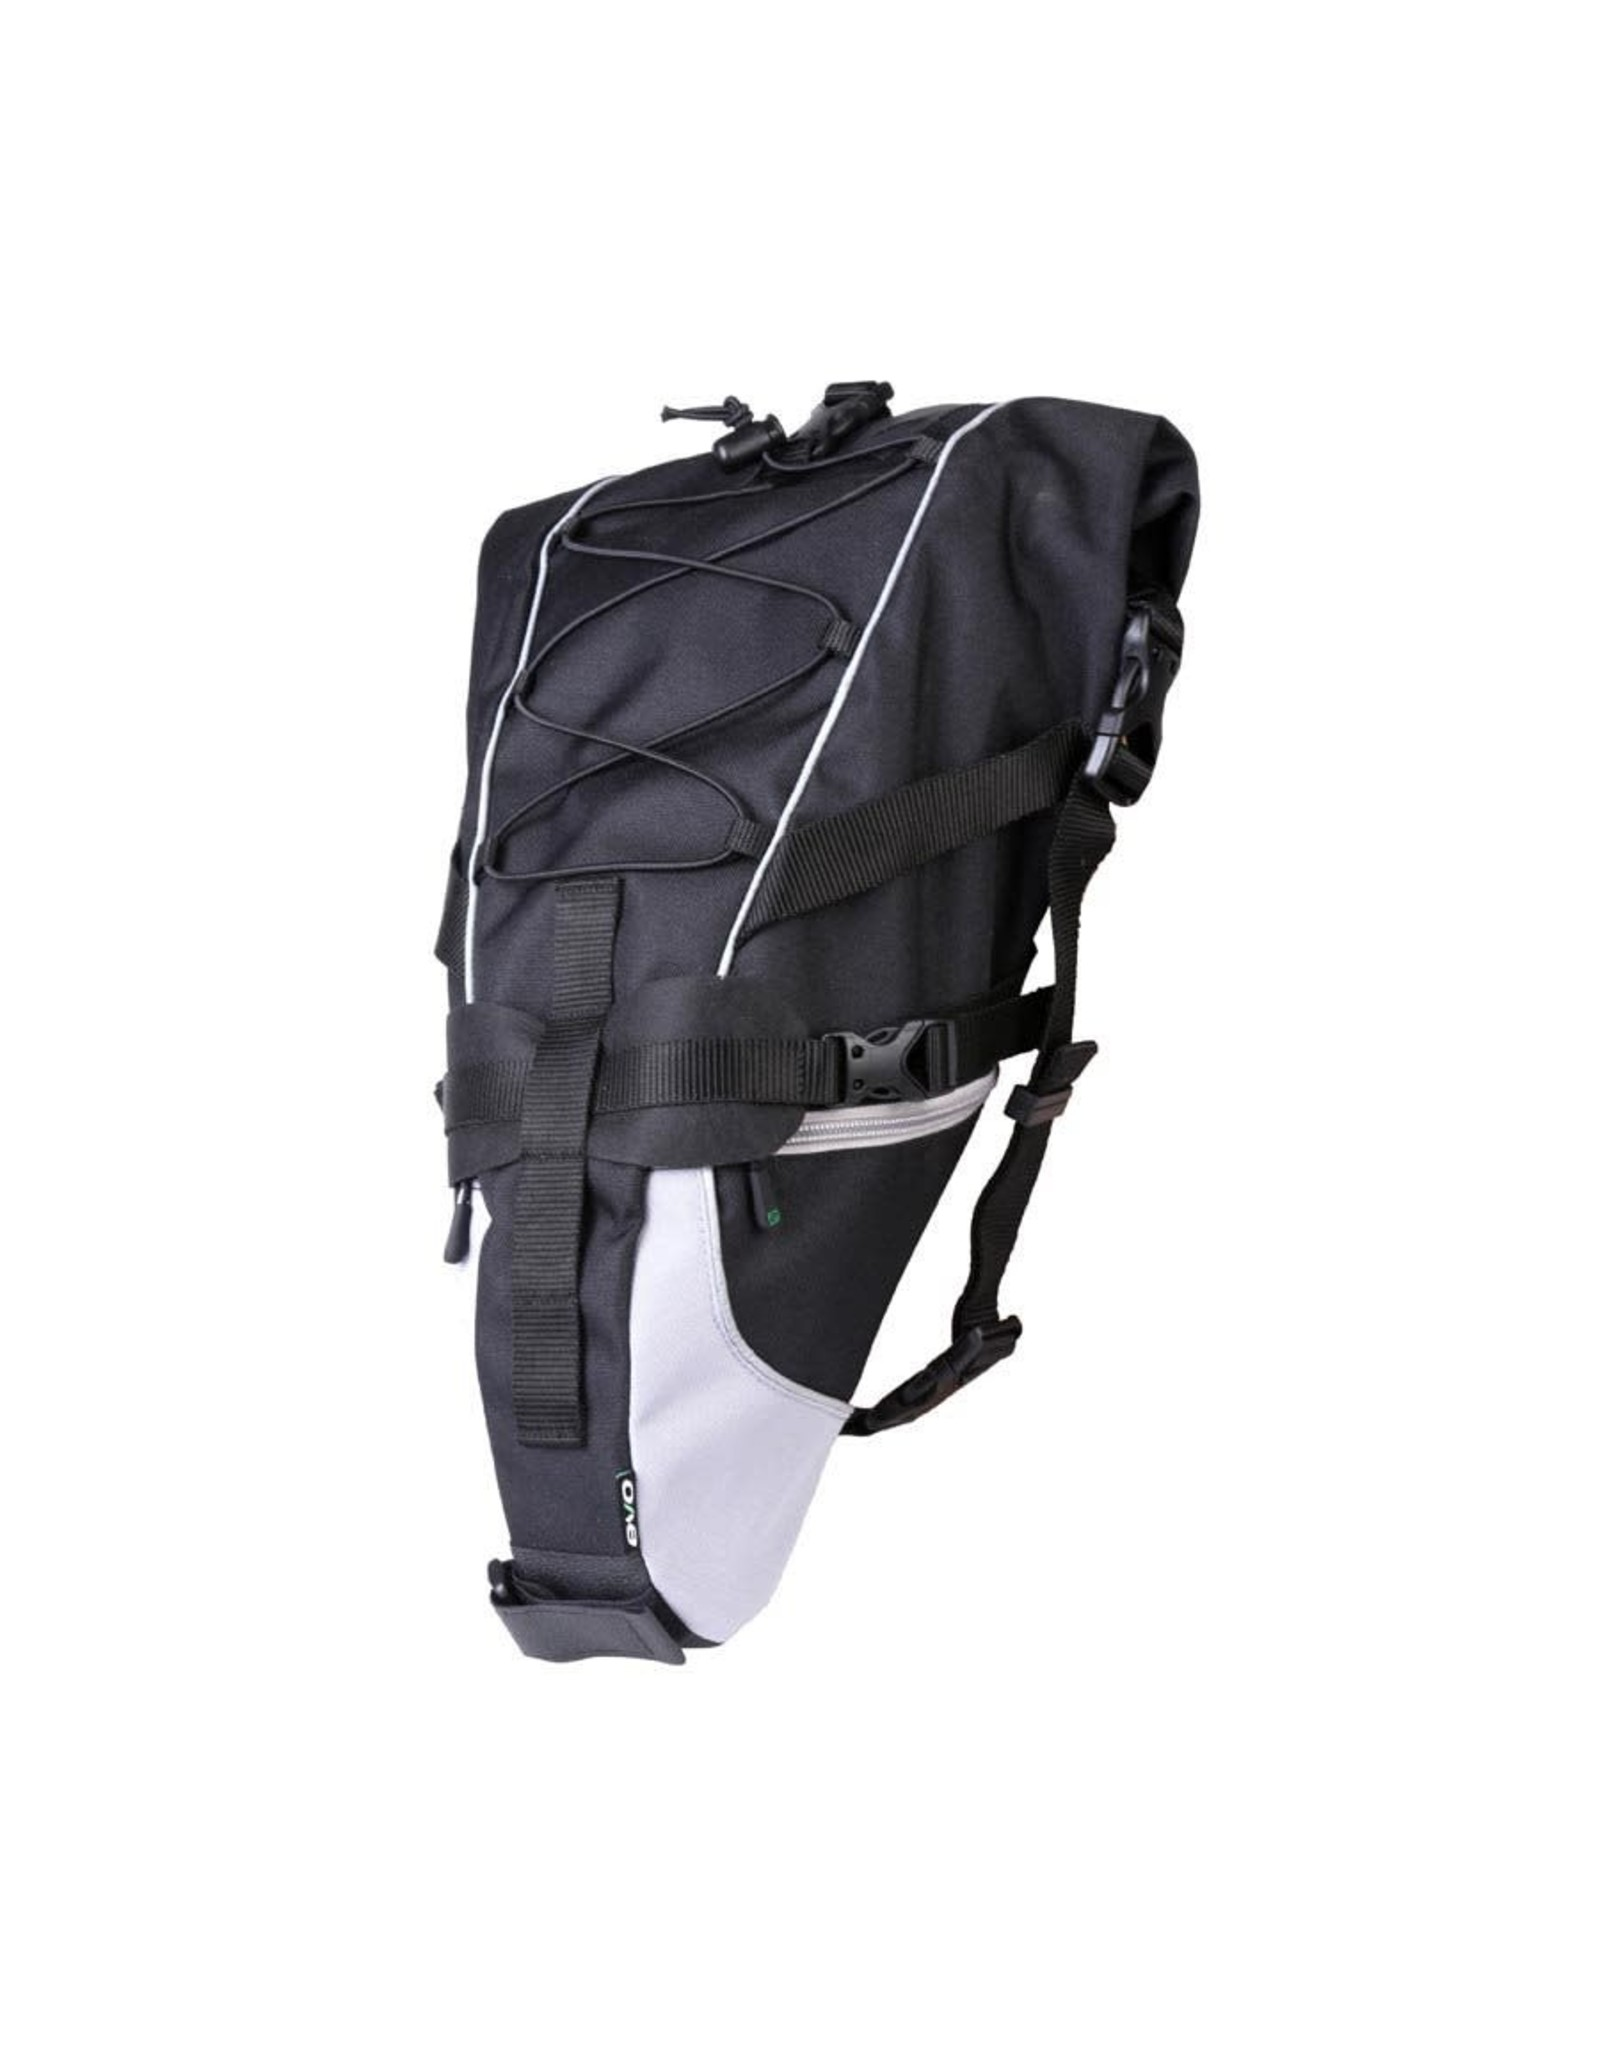 Evo Saddle bag Evo Clutch bikepacking